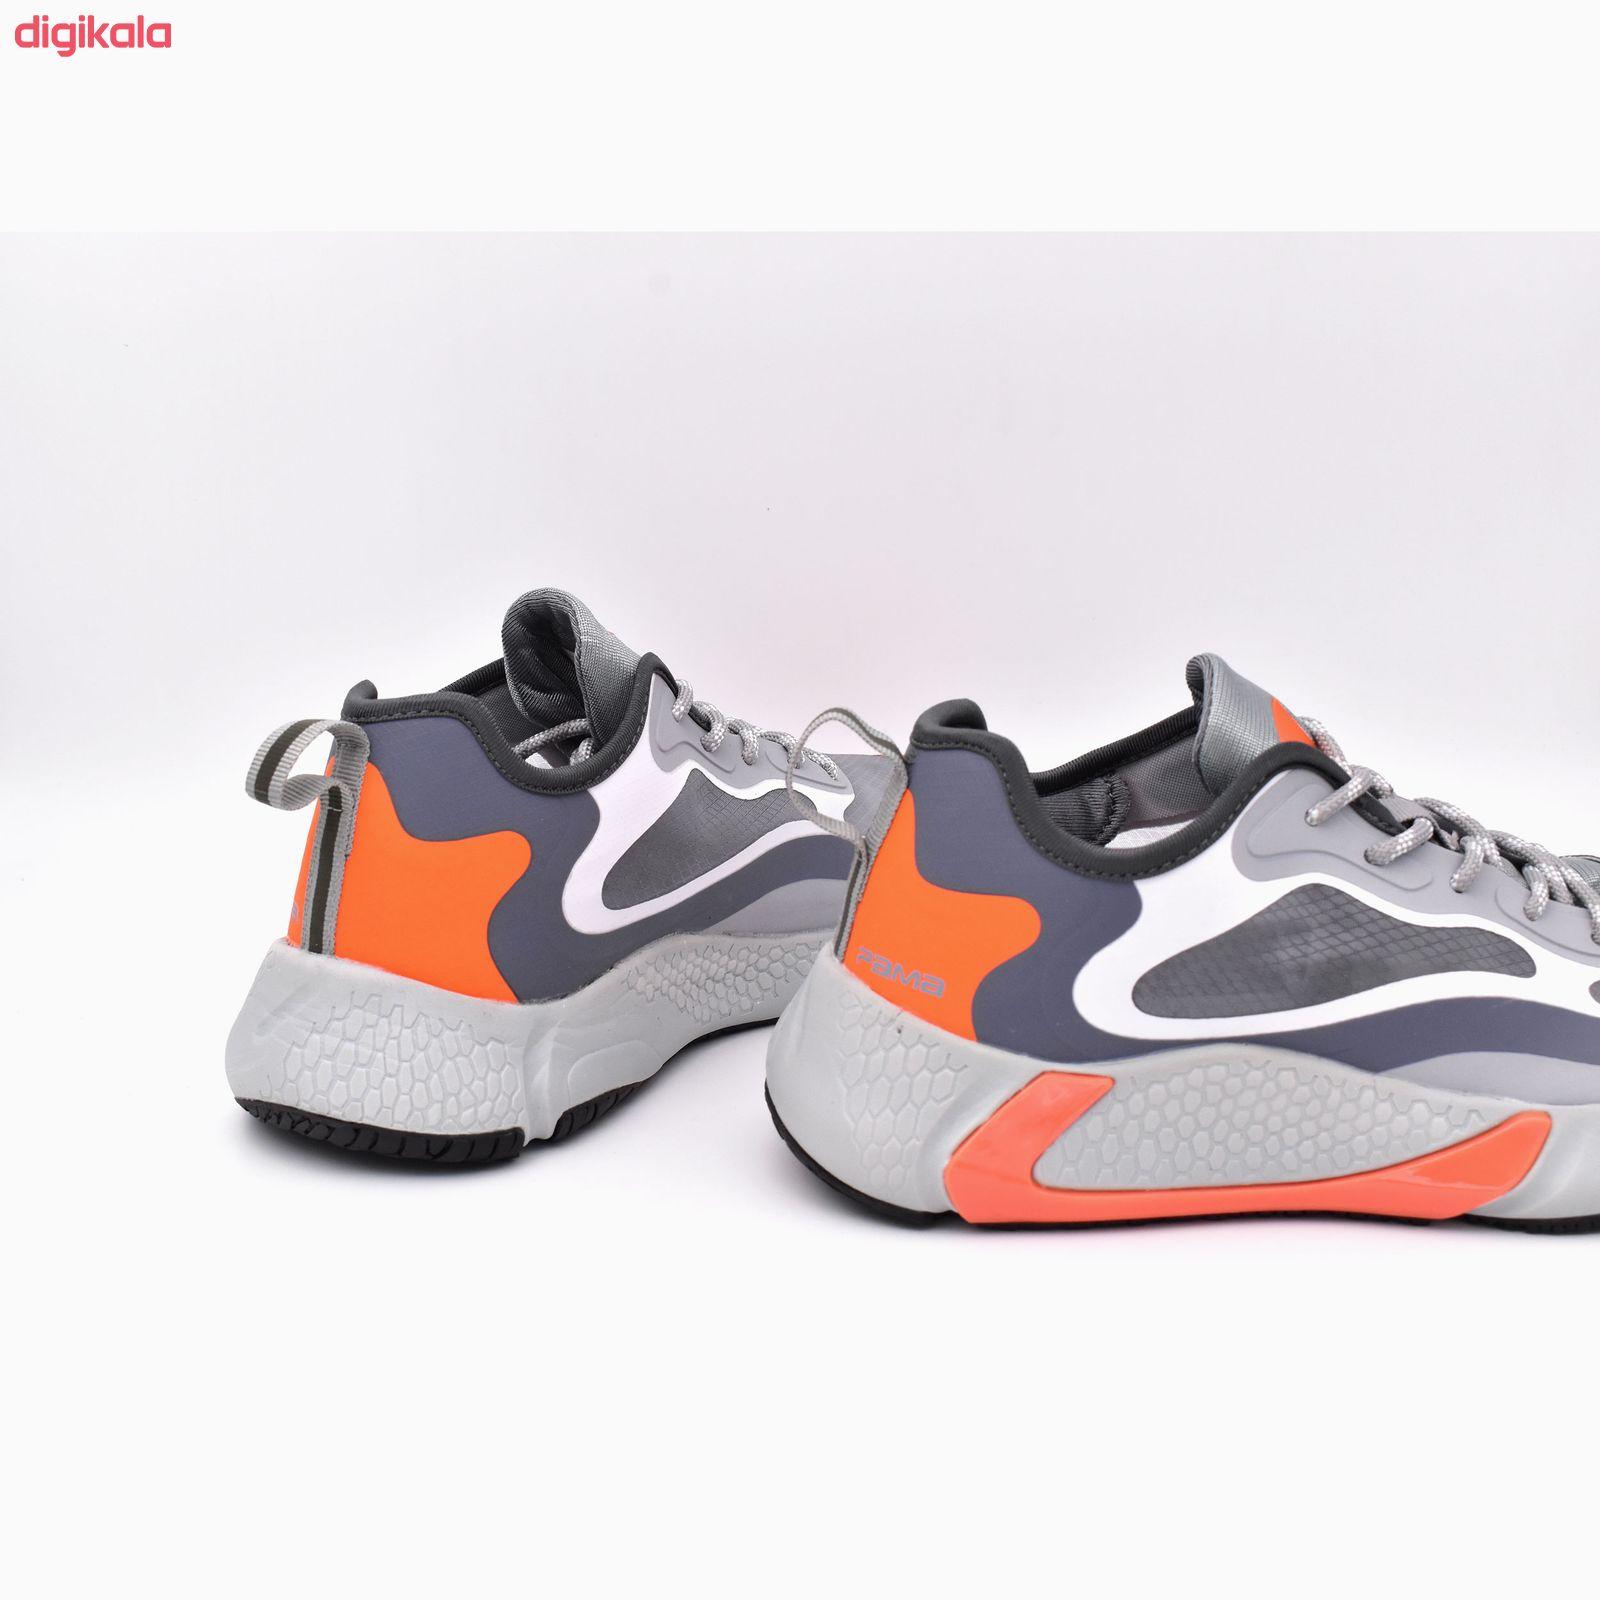 کفش پیاده روی مردانه پاما مدل ساموئل کد G1421 main 1 13